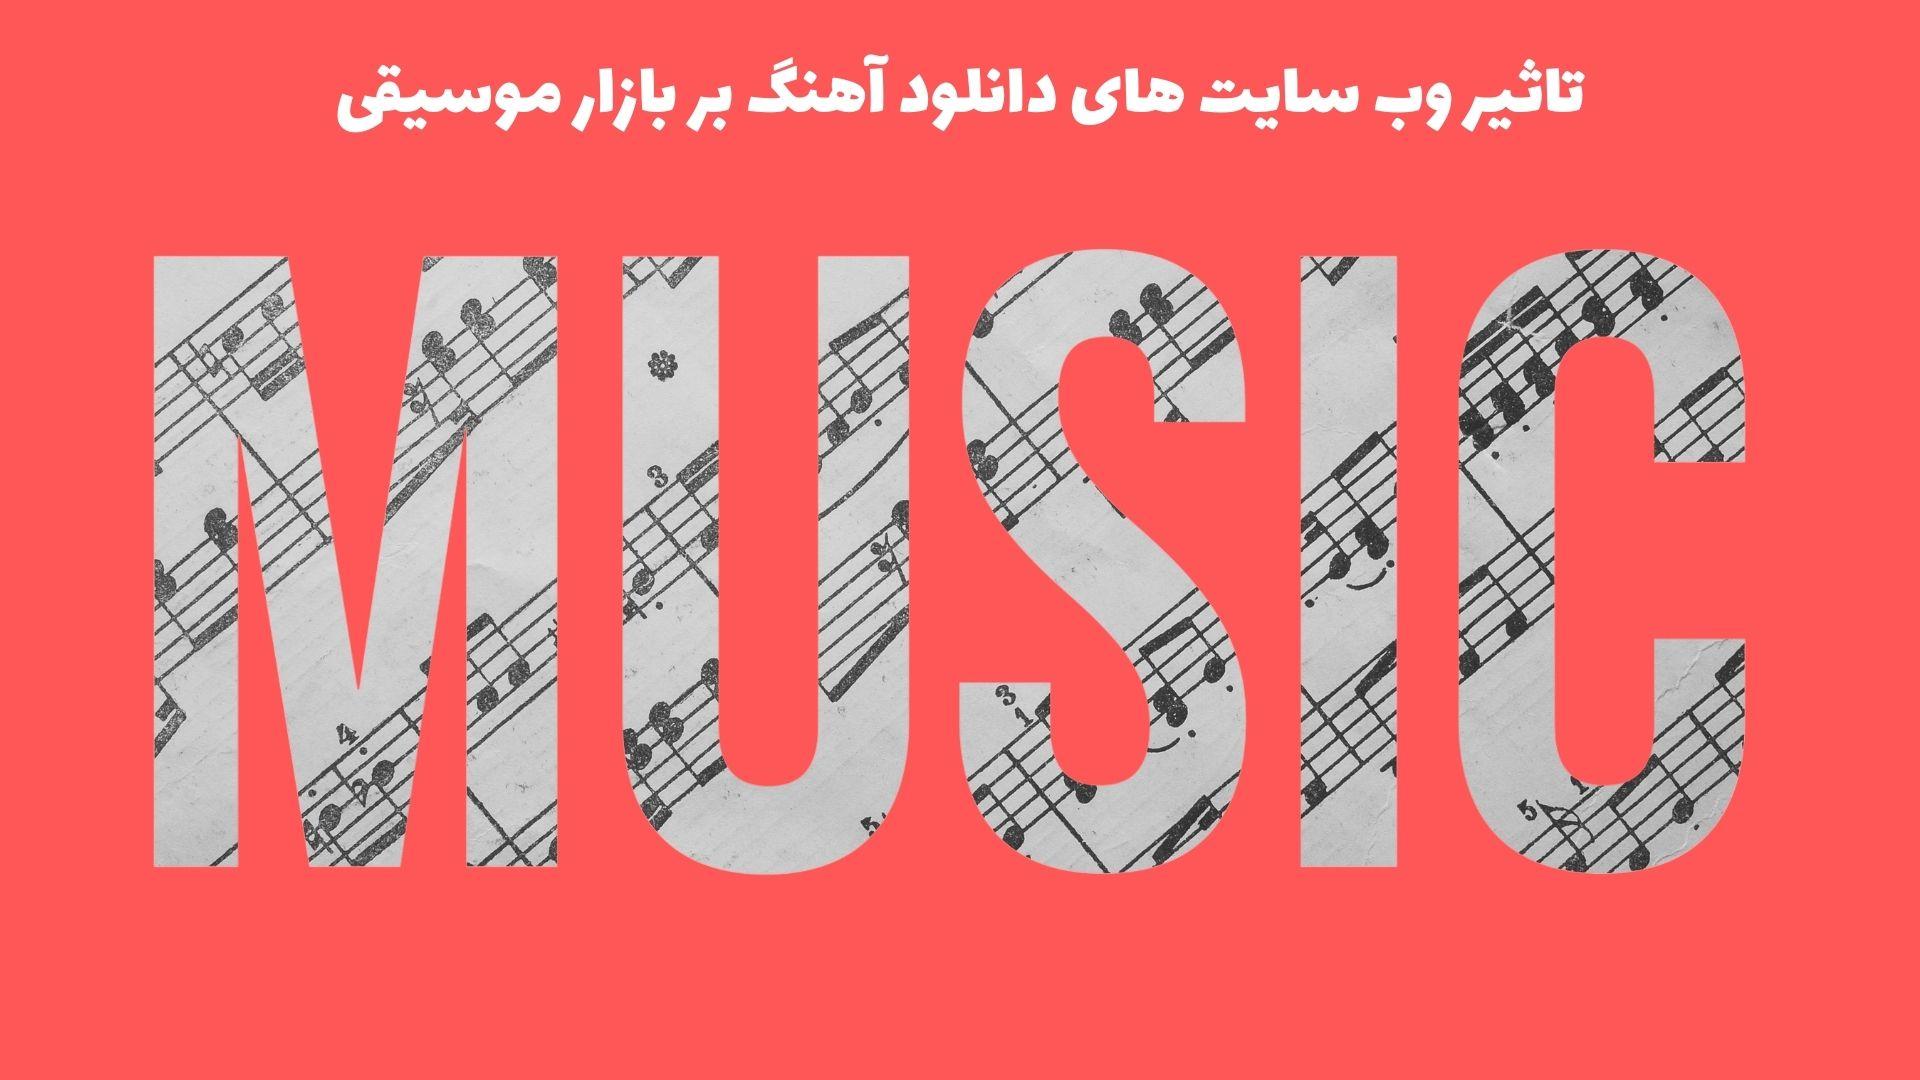 تاثیر وب سایت های دانلود آهنگ بر بازار موسیقی